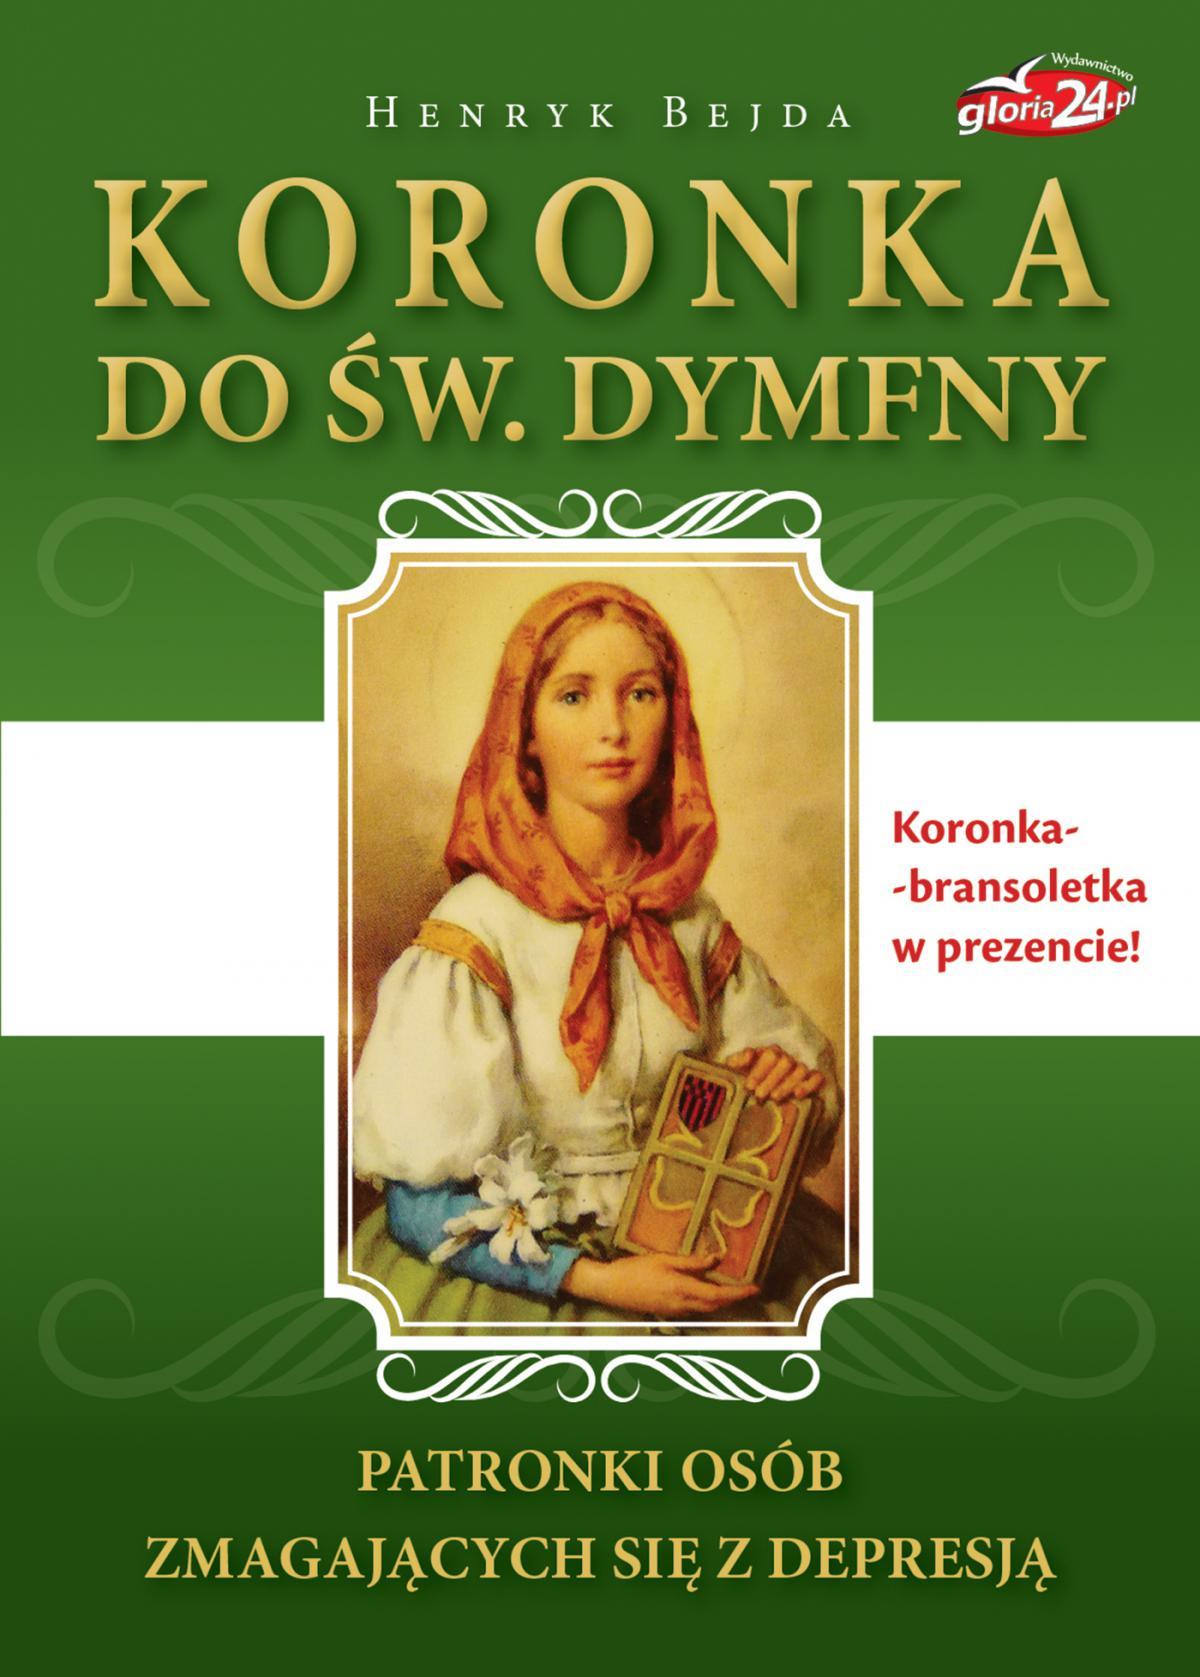 Koronka do św. Dymfny, patronki osób zmagających się z depresją - Ebook (Książka PDF) do pobrania w formacie PDF